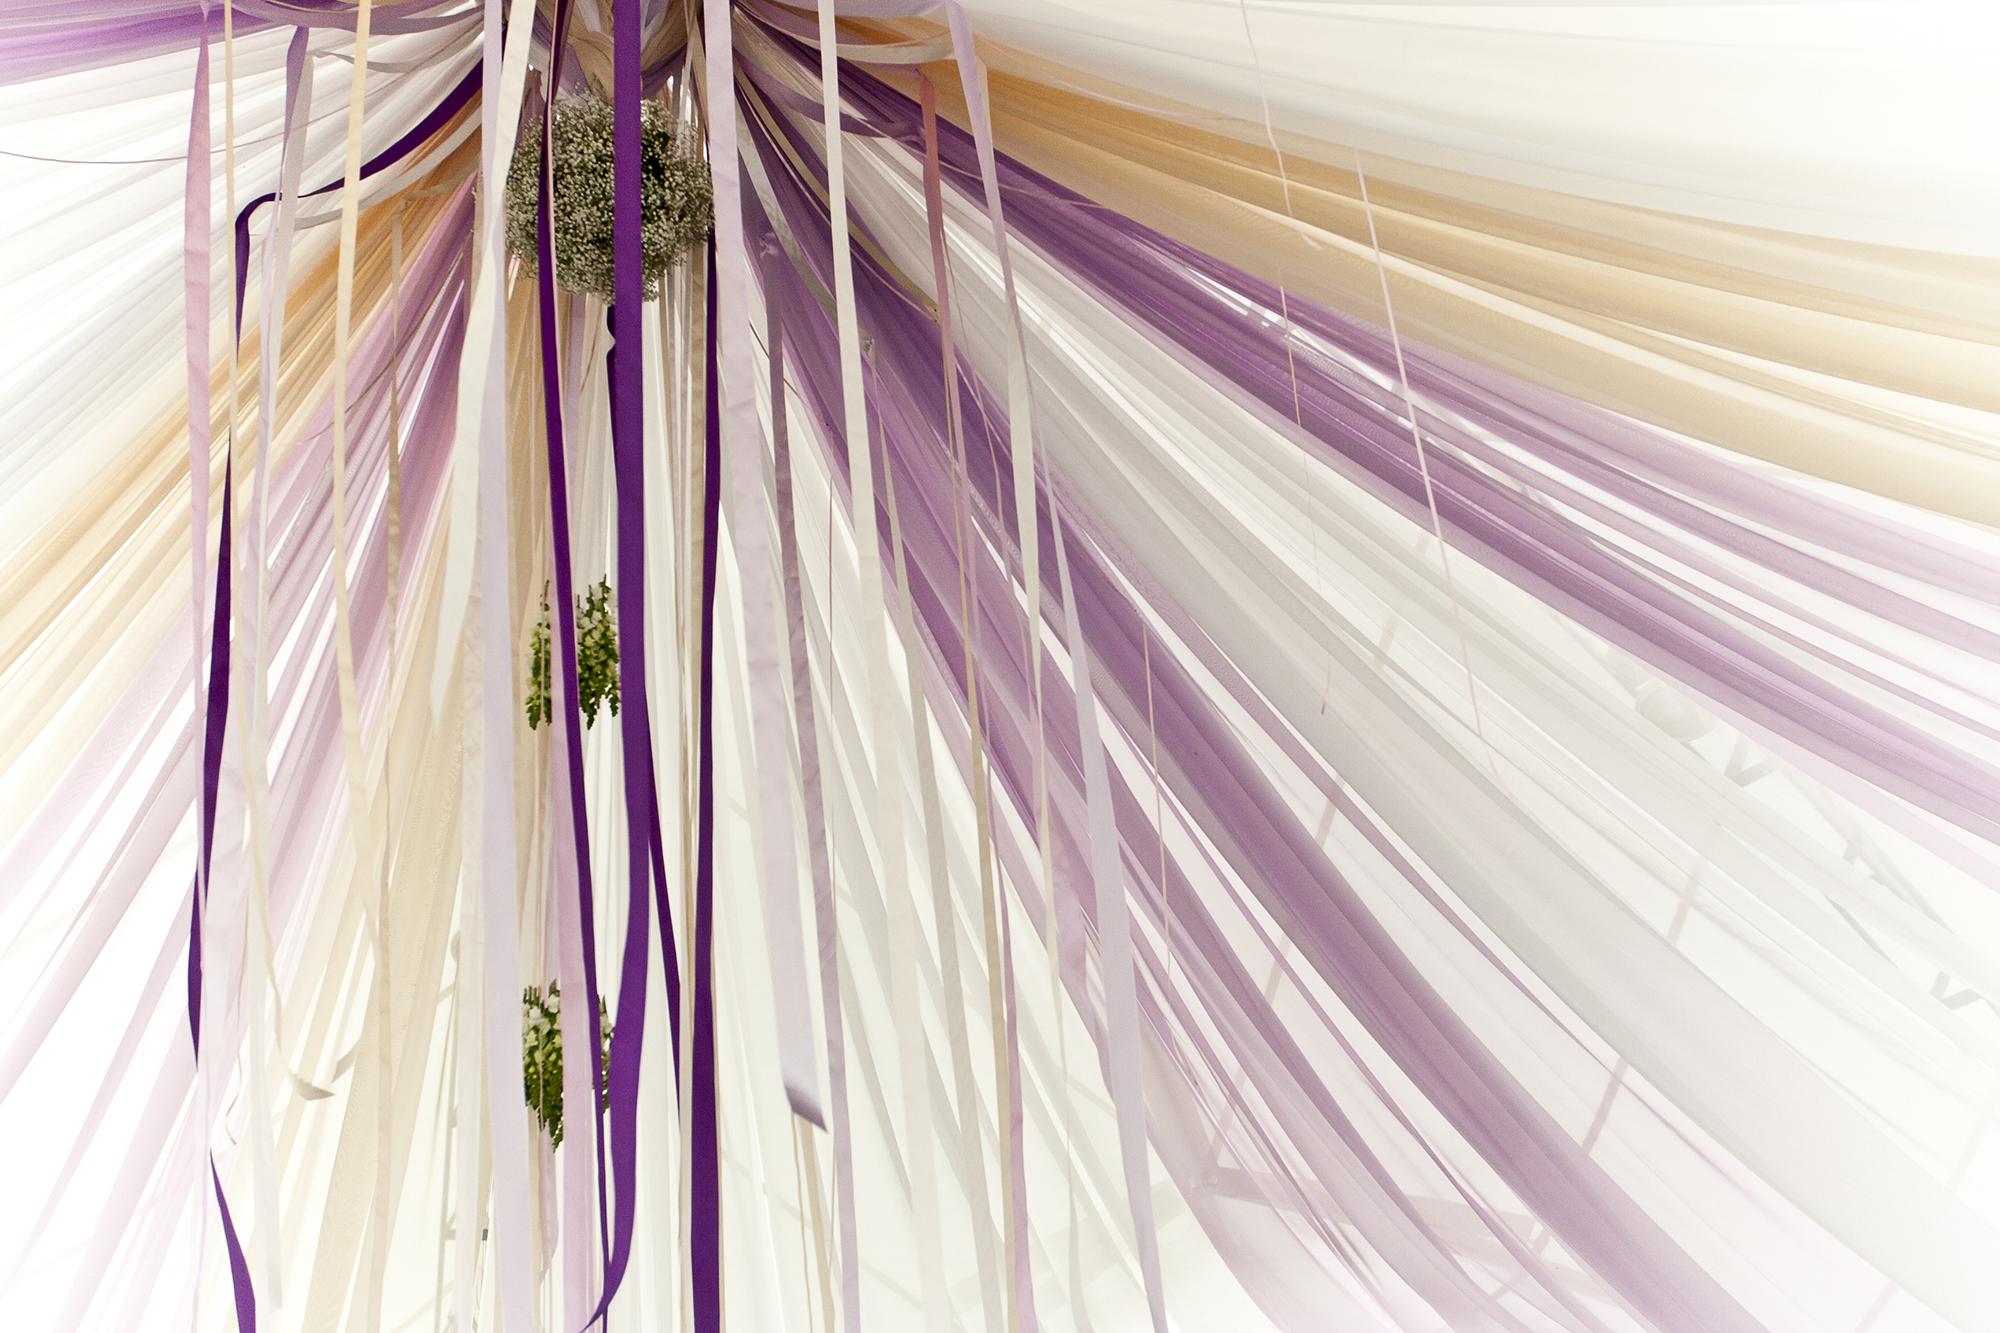 Декорирование помещения для торжества цветными лентами